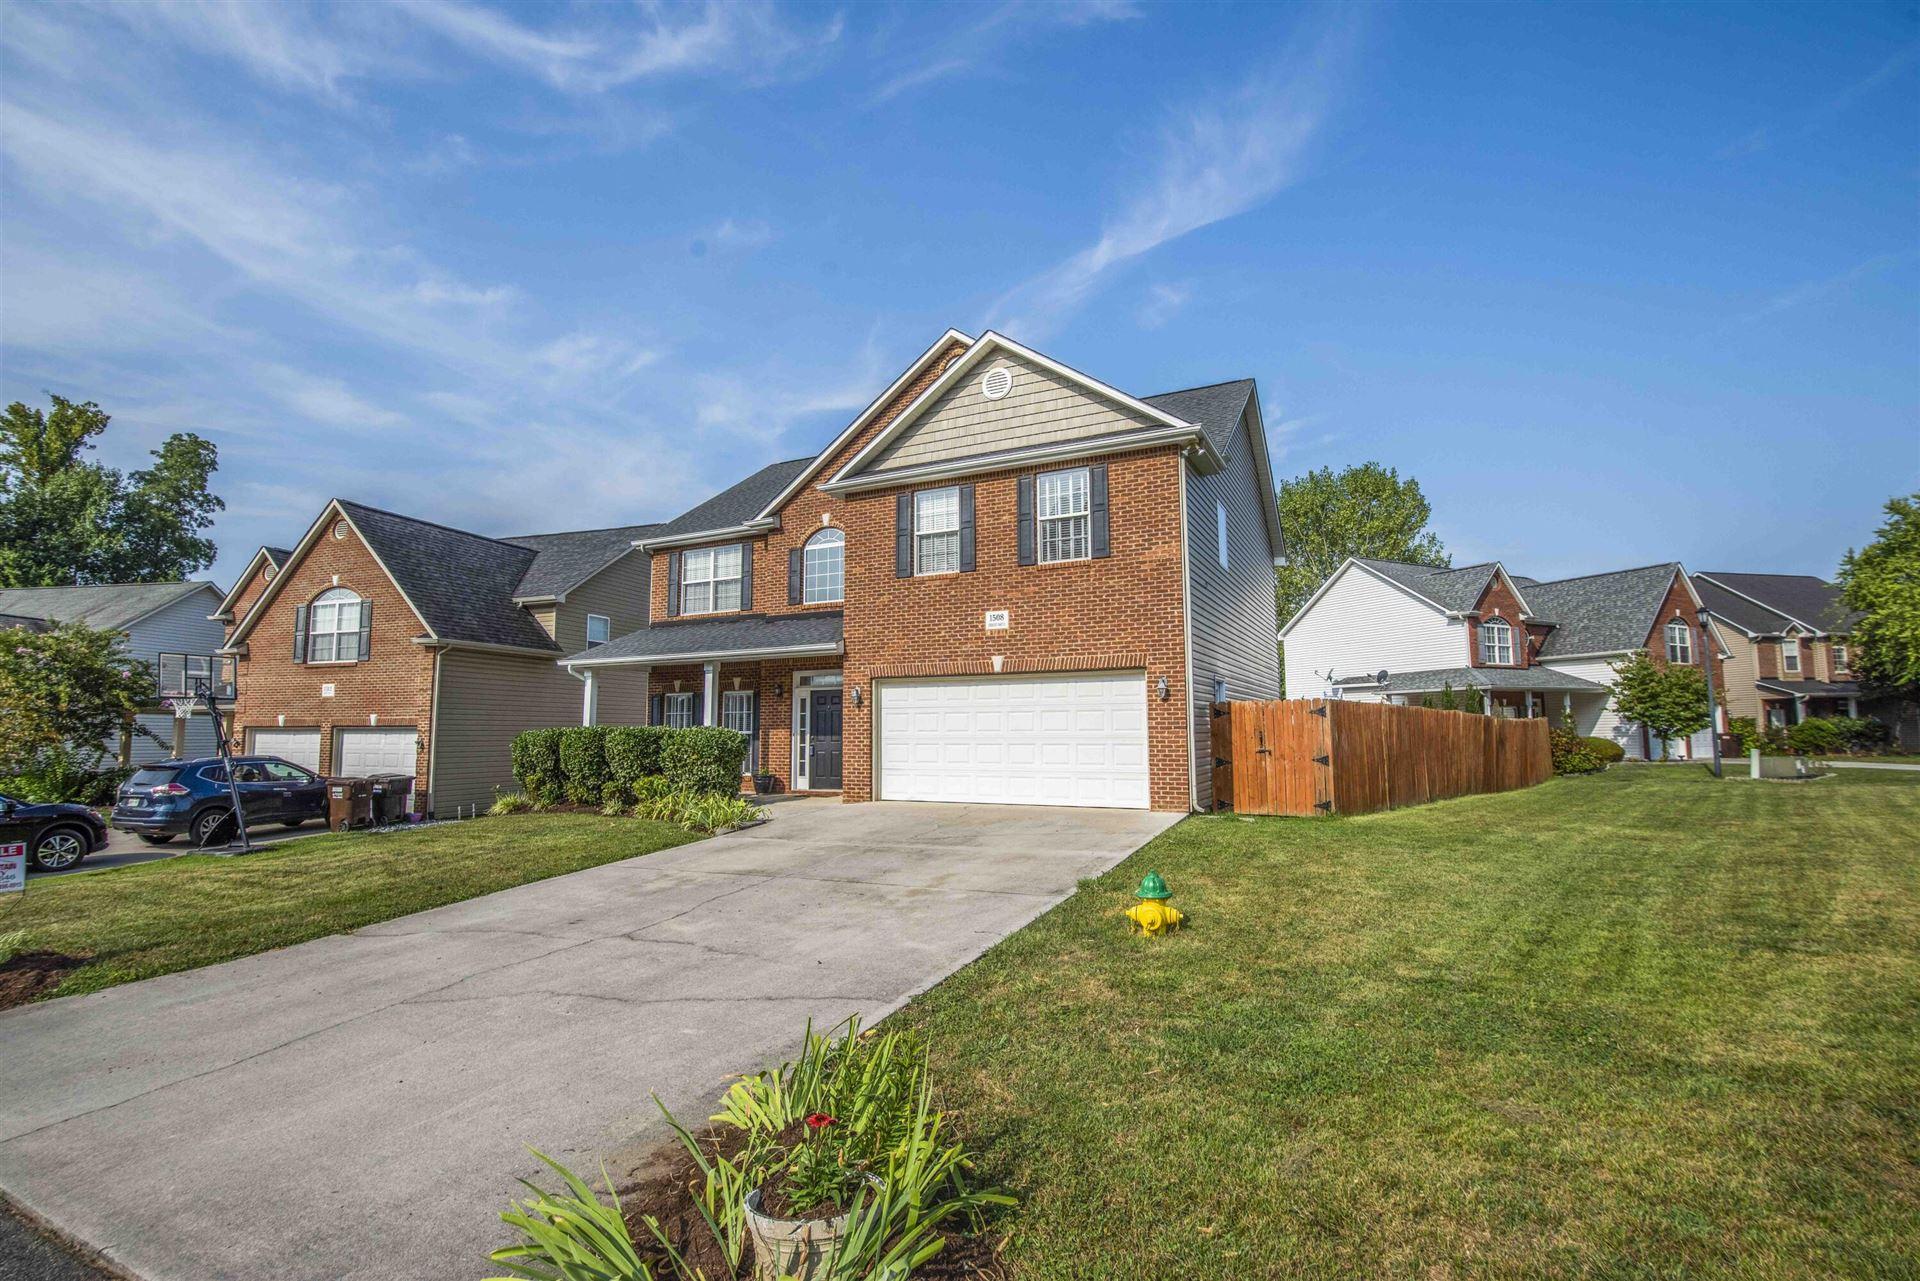 Photo of 1508 Crescent Oaks Lane, Lenoir City, TN 37772 (MLS # 1158514)